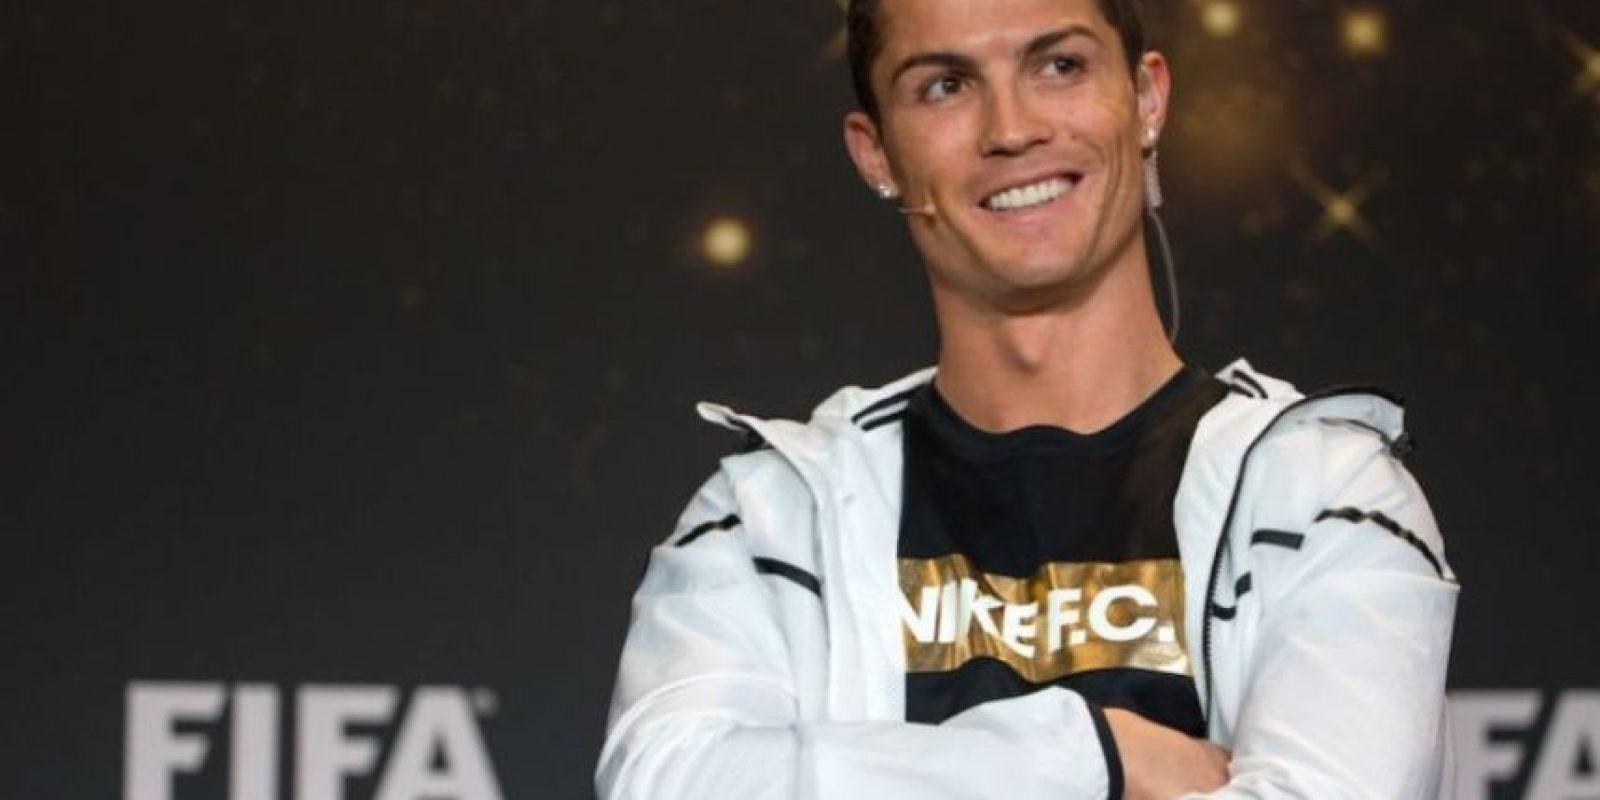 El portugués no tiene reparo en hacer donaciones para ayudar a los desfavorecidos. Cristiano Ronaldo aportó enormes cantidades de dinero para ayudar a niños con cáncer, también colaboró en el combate el hambre en África y para la construcción de escuelas en Palestina. Foto:Getty Images